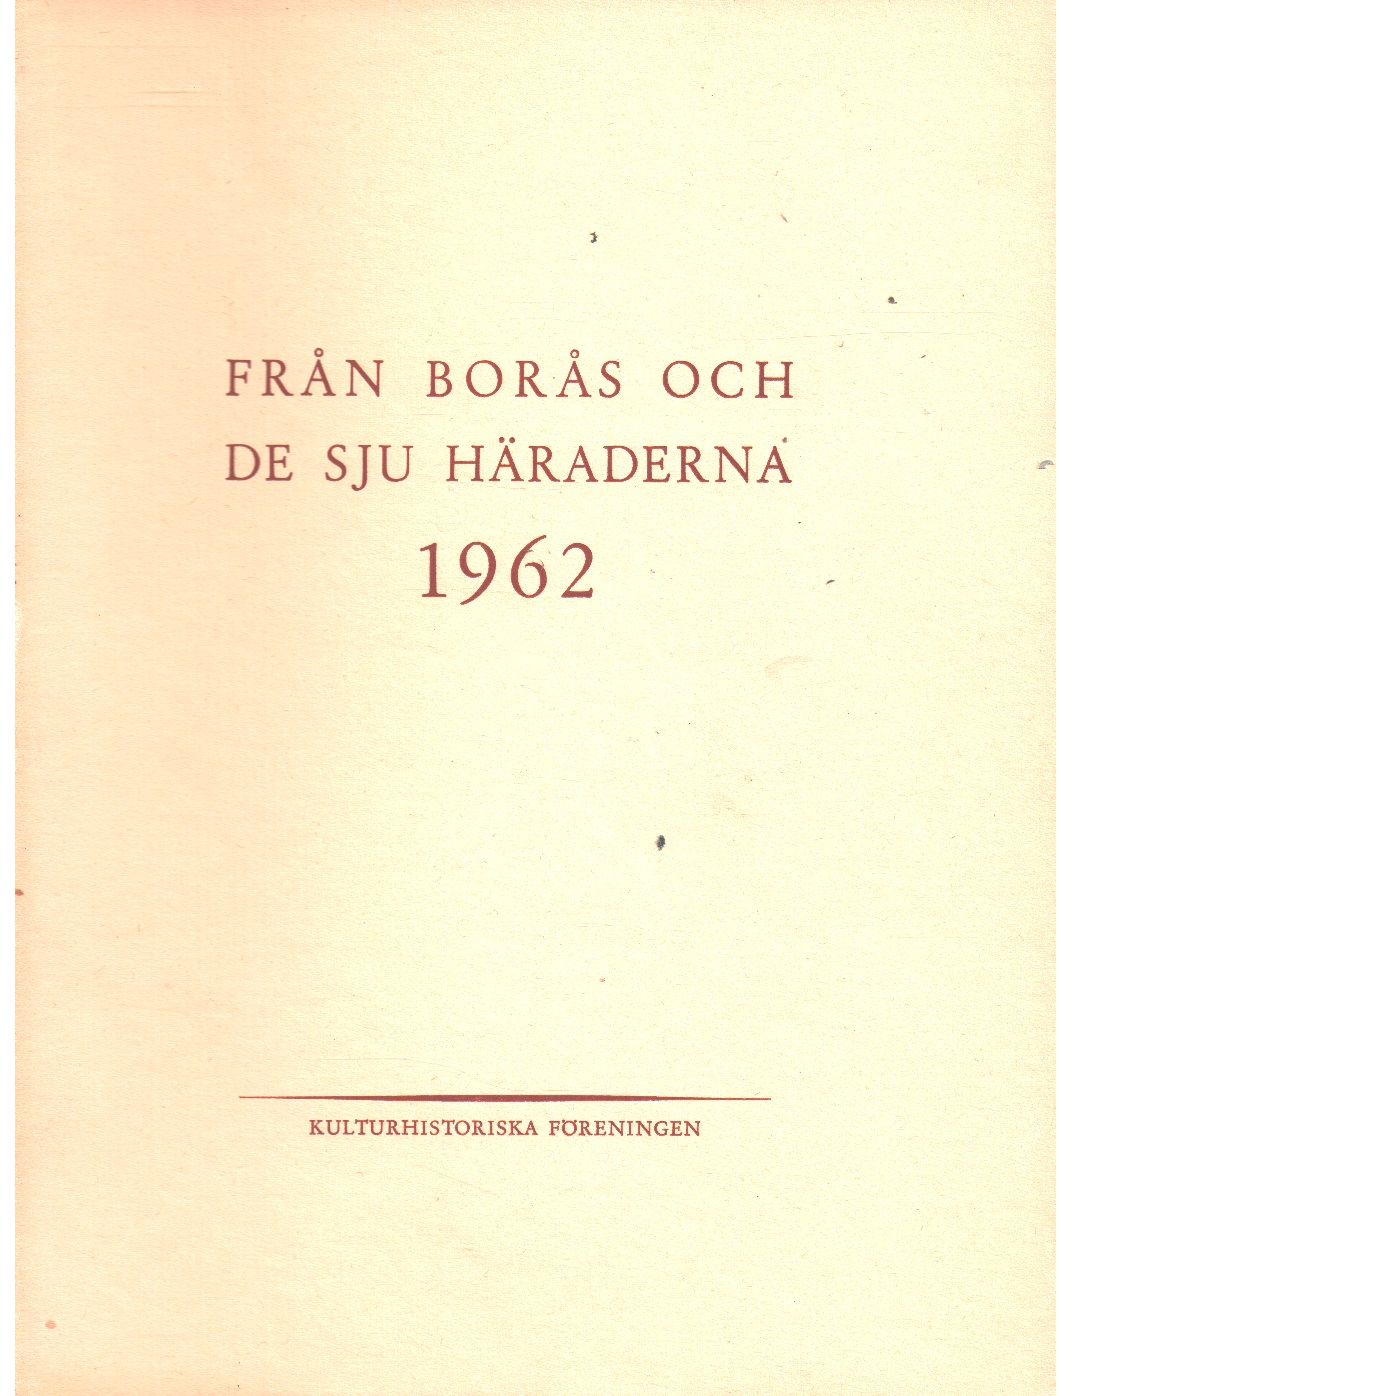 Från Borås och de sju häraderna. 1962 - Red. De sju häradernas kulturhistoriska förening